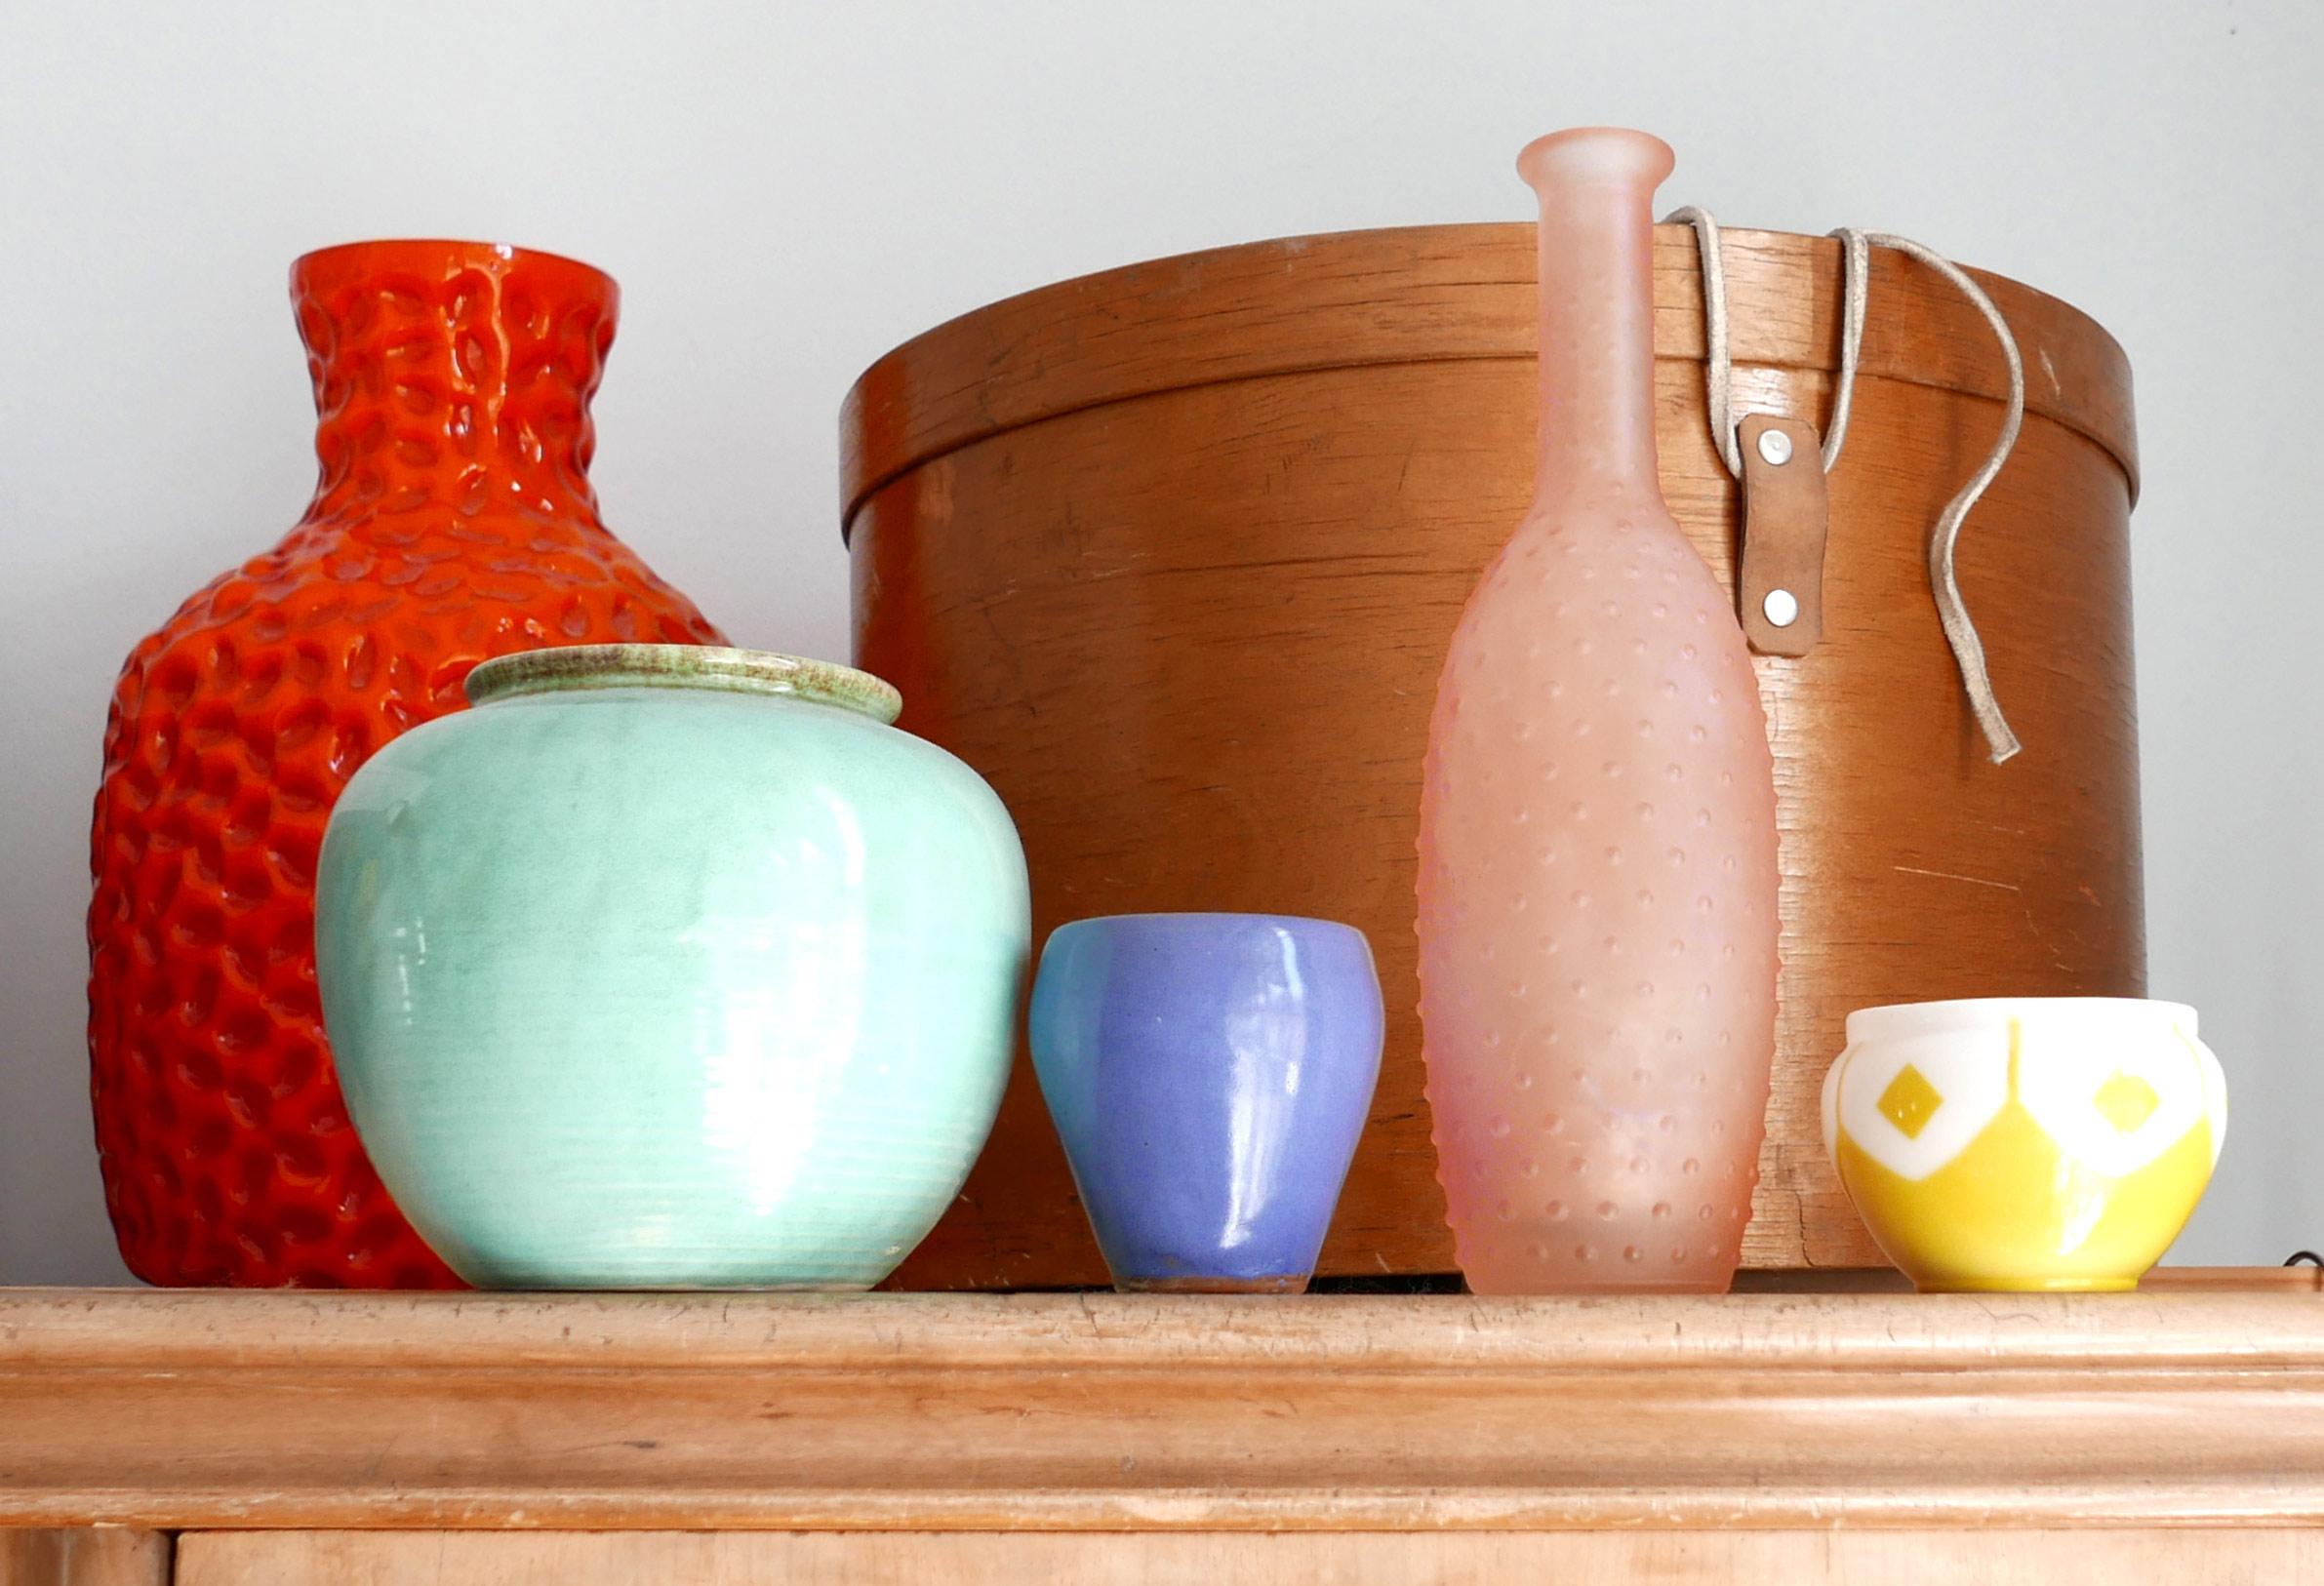 Pastellfarbene Blumenvasen auf einem Schrank dahinter Shaker Holzschachtel